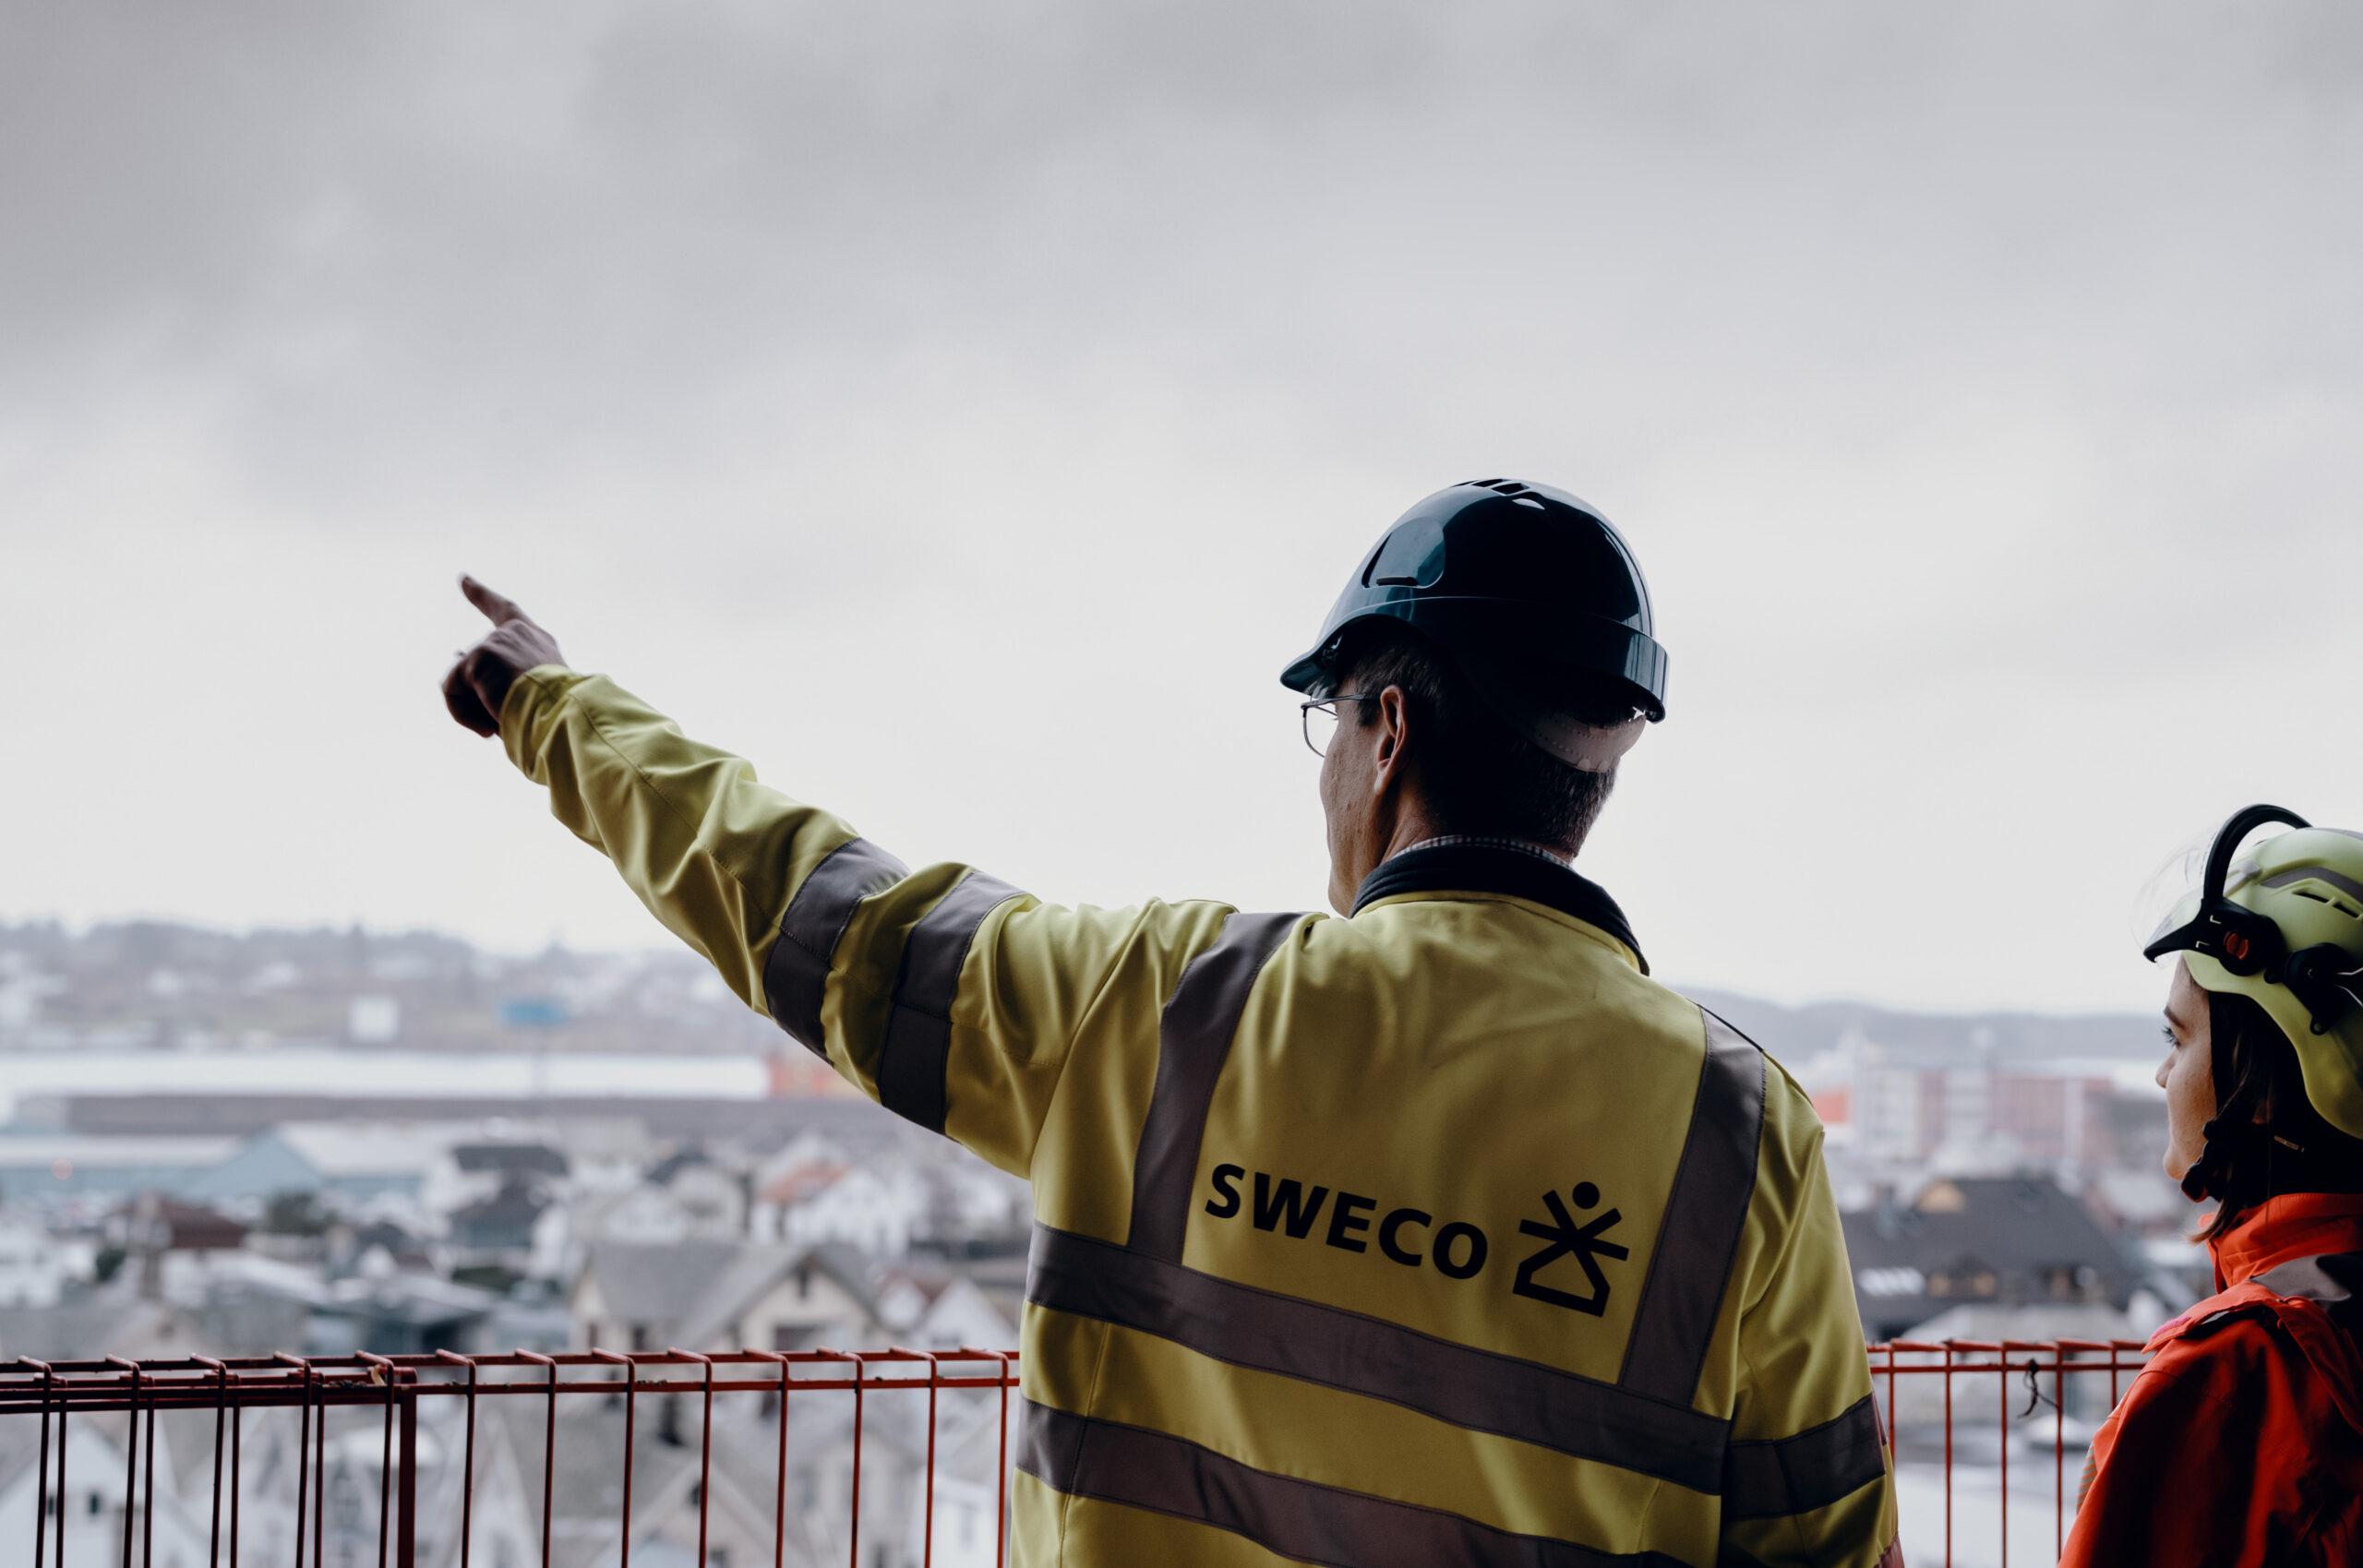 Bildet viser en mann i Sweco-jakke som peker utover Haugesund